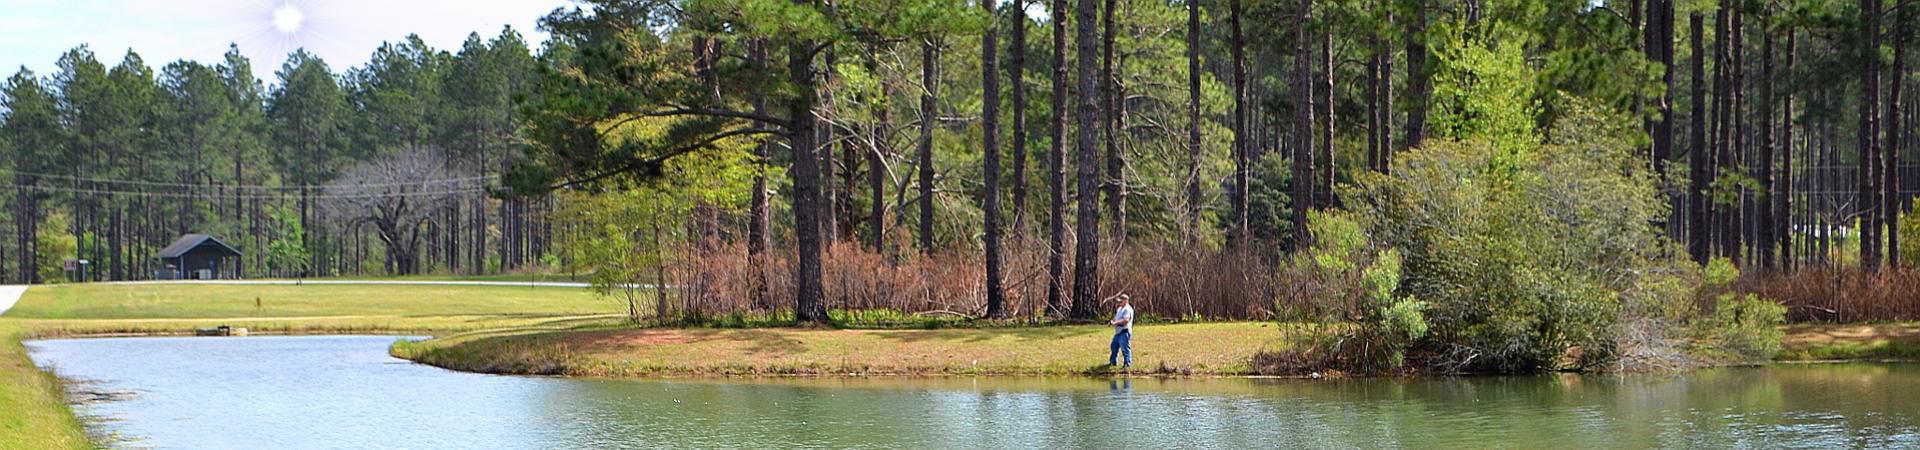 man fishing on lake at Paradise PFA